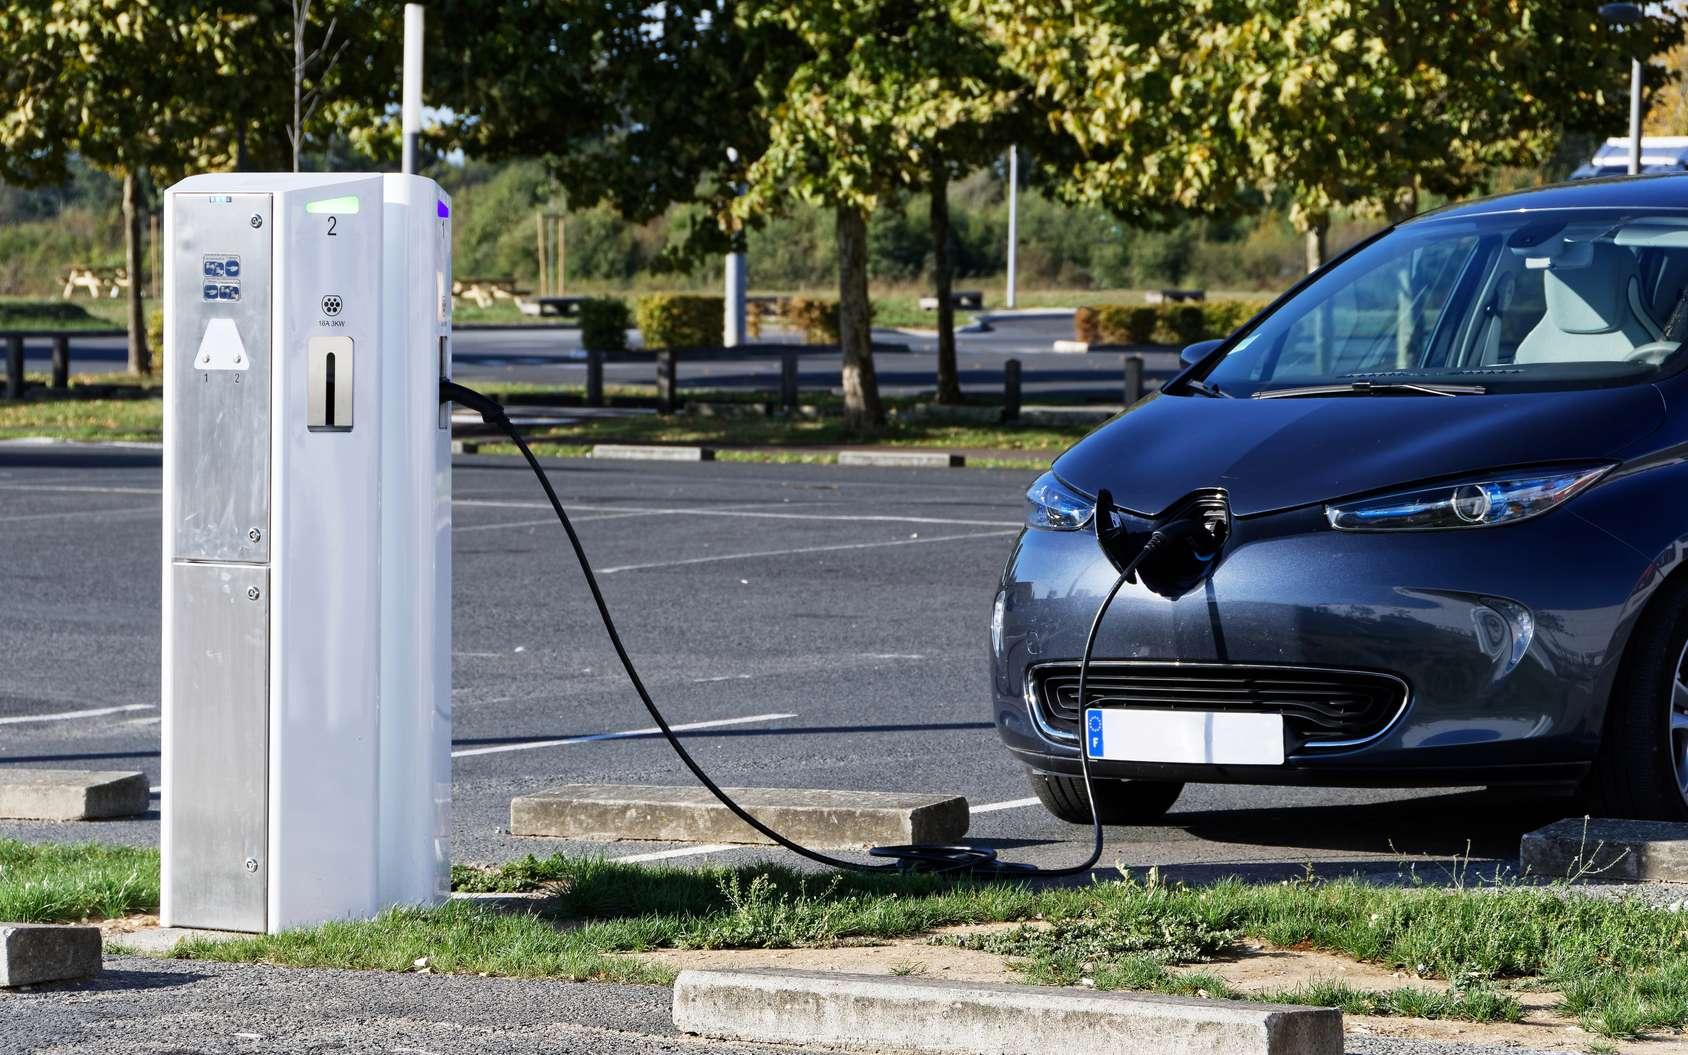 Google Maps permet de savoir en temps réel si une borne de recharge électrique est libre ou occupée. © Pictures news, Fotolia